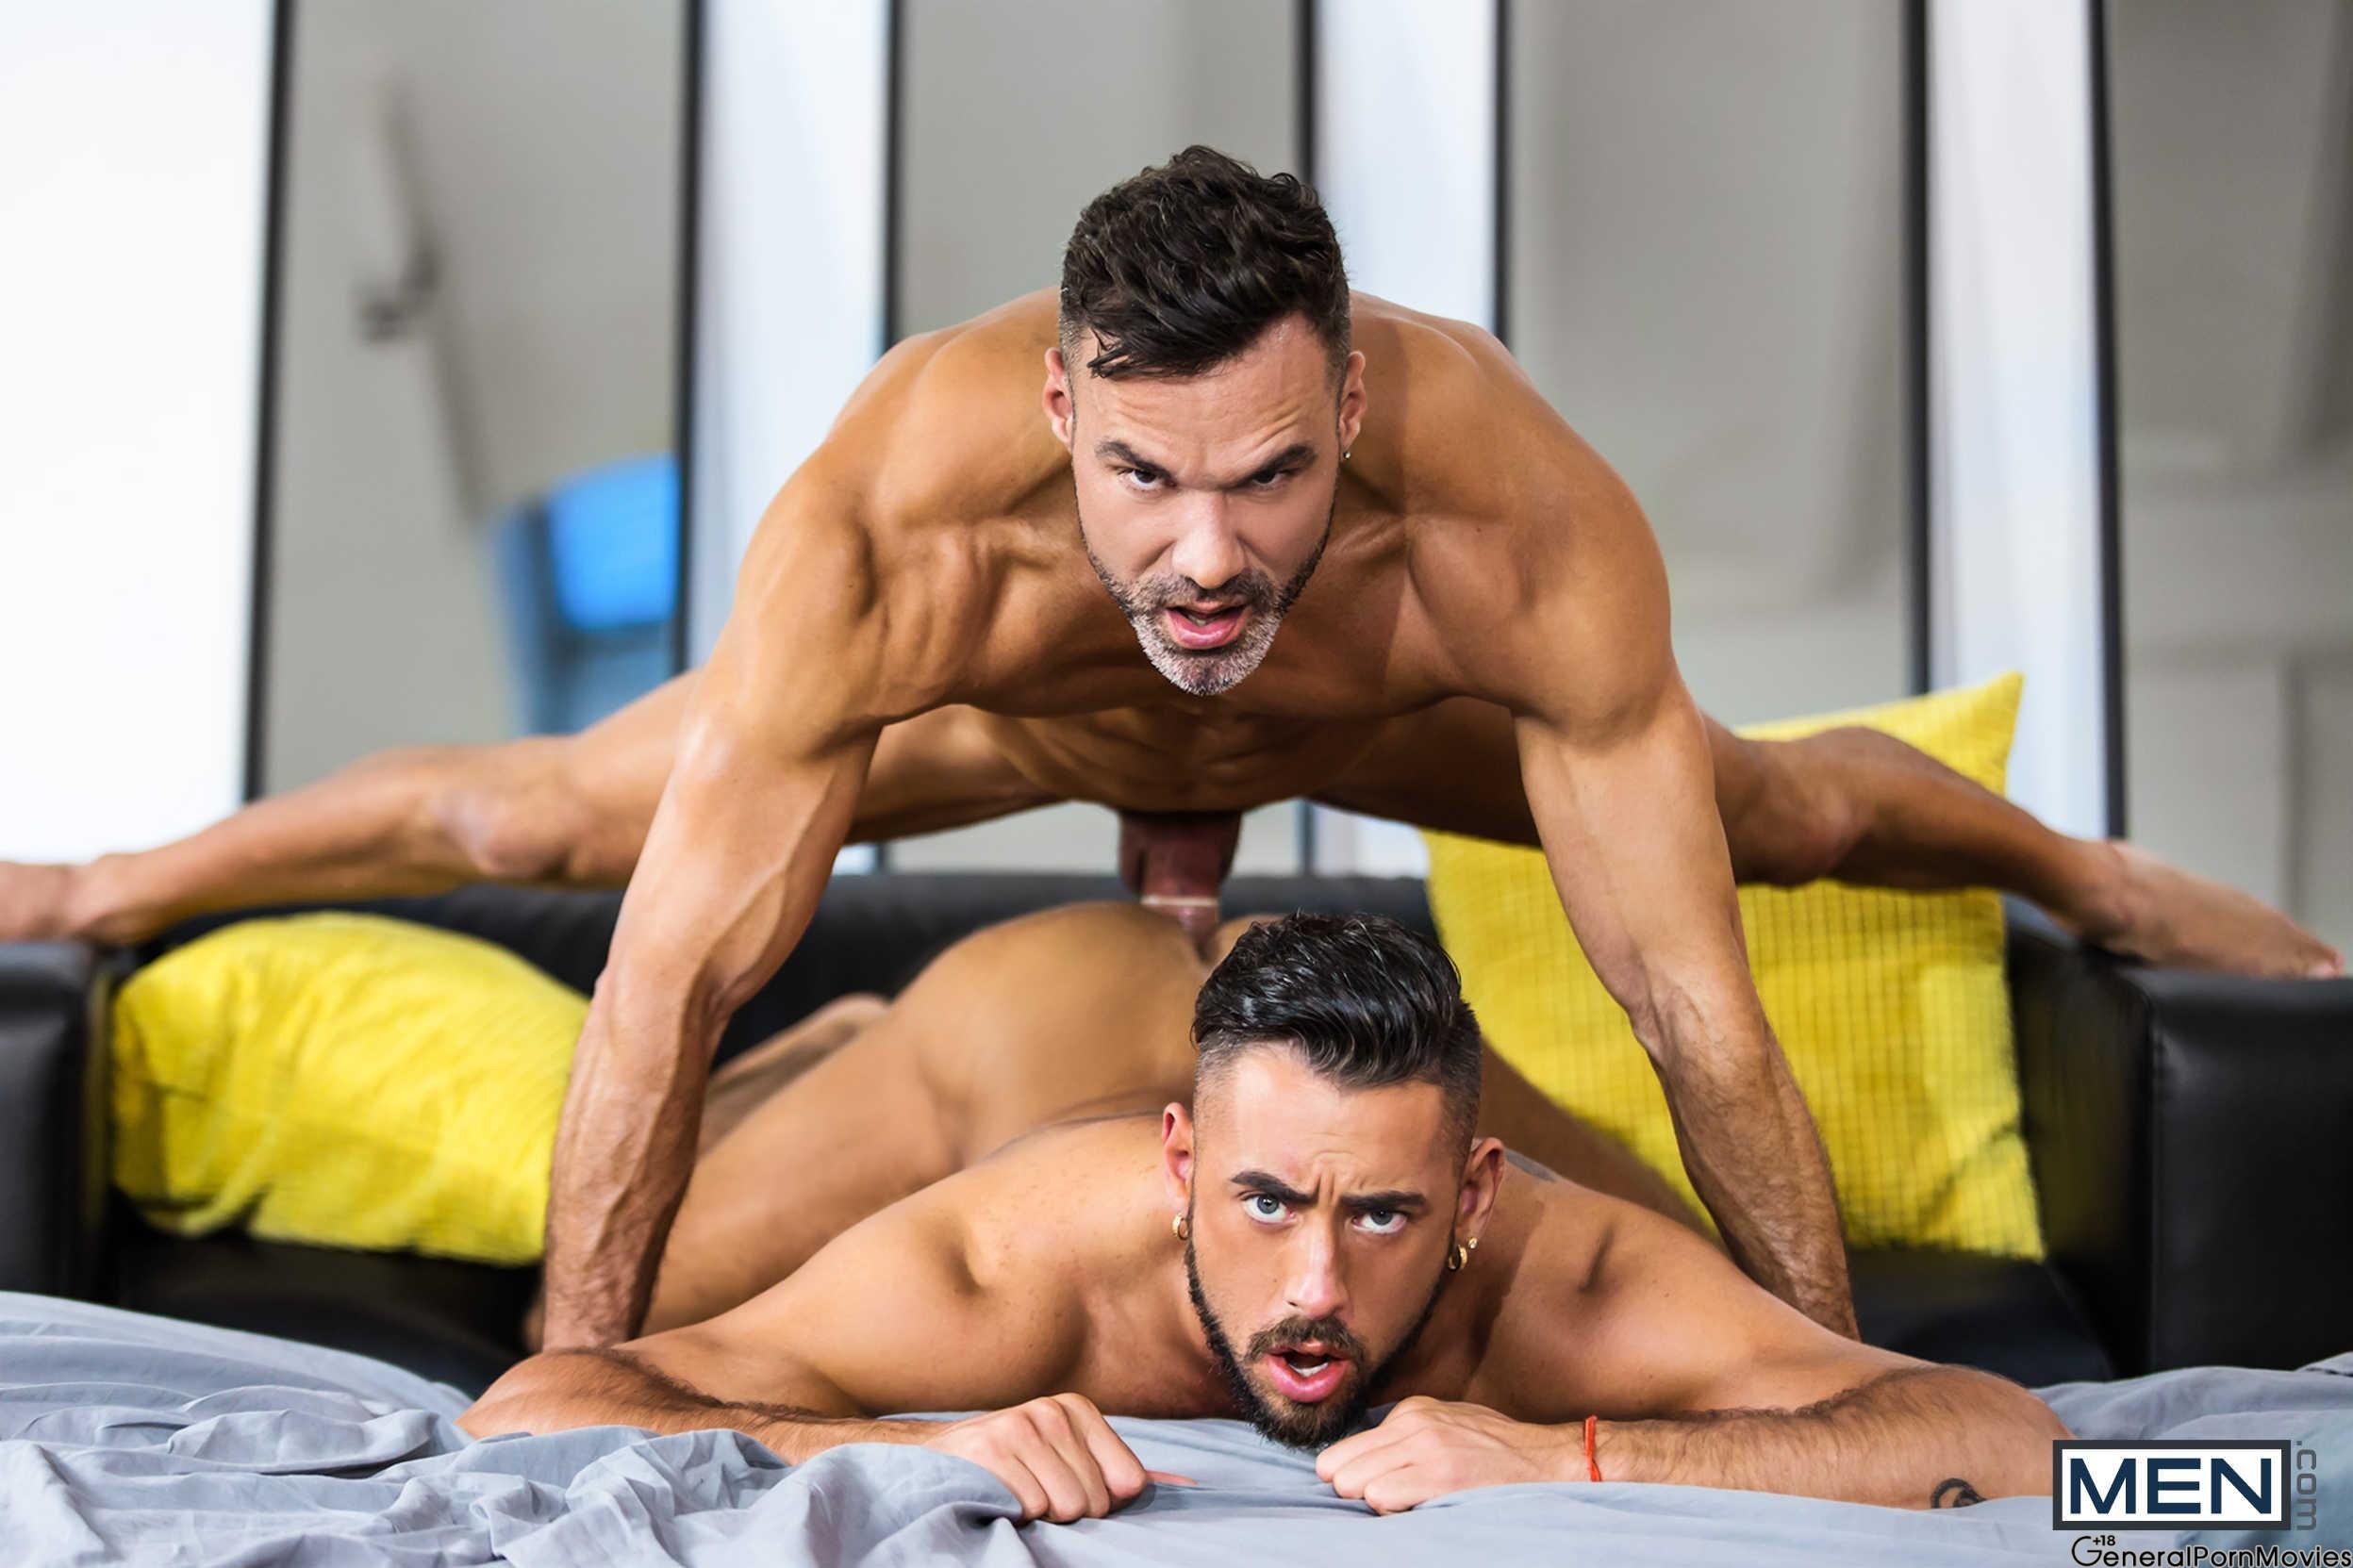 3 Movies Porno manuel skye – general porn movies